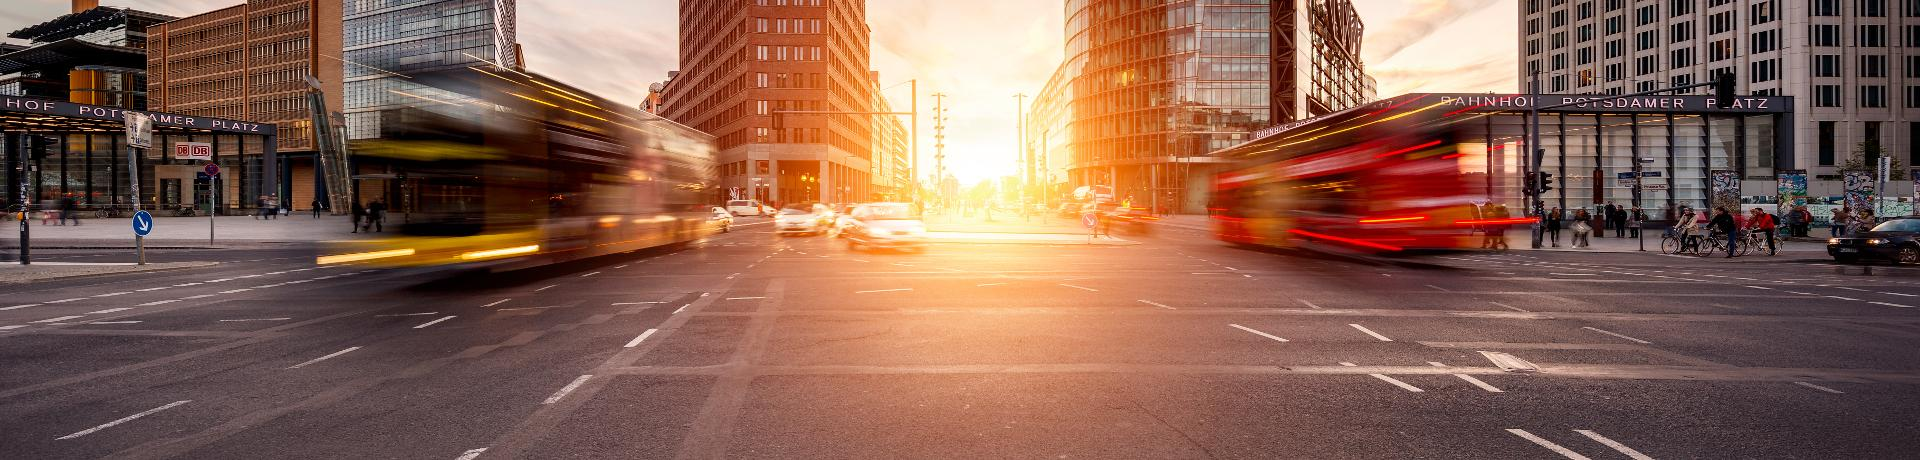 Deutschland: Berlin - Potsdamer Platz - Emotion